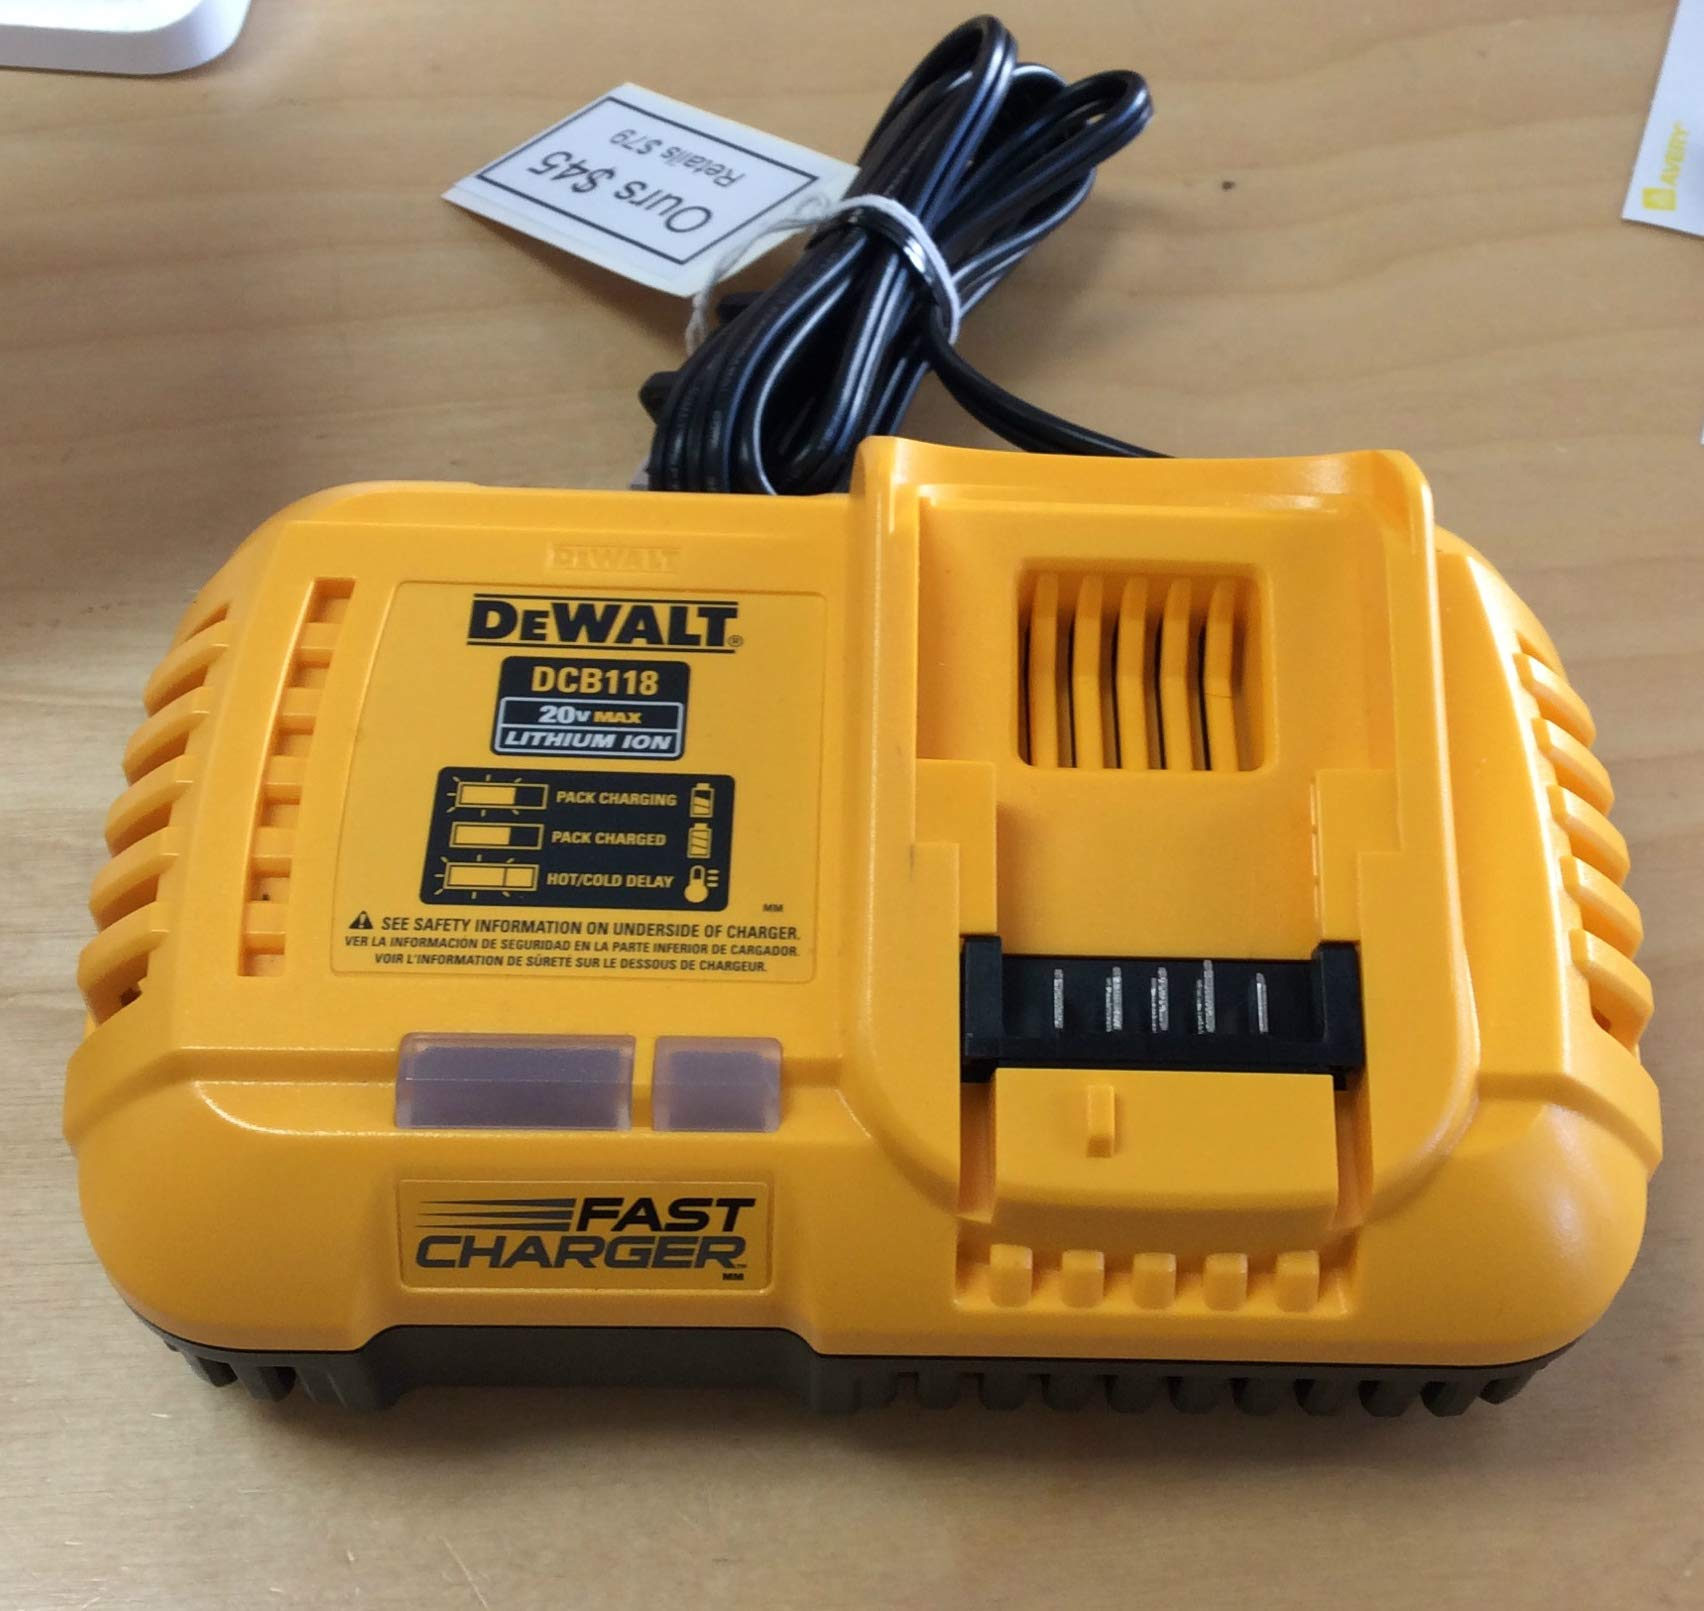 De-Walt DCB118 20V/60V Max Li-ion Flexvolt Fan Cooled Fast Battery Charger